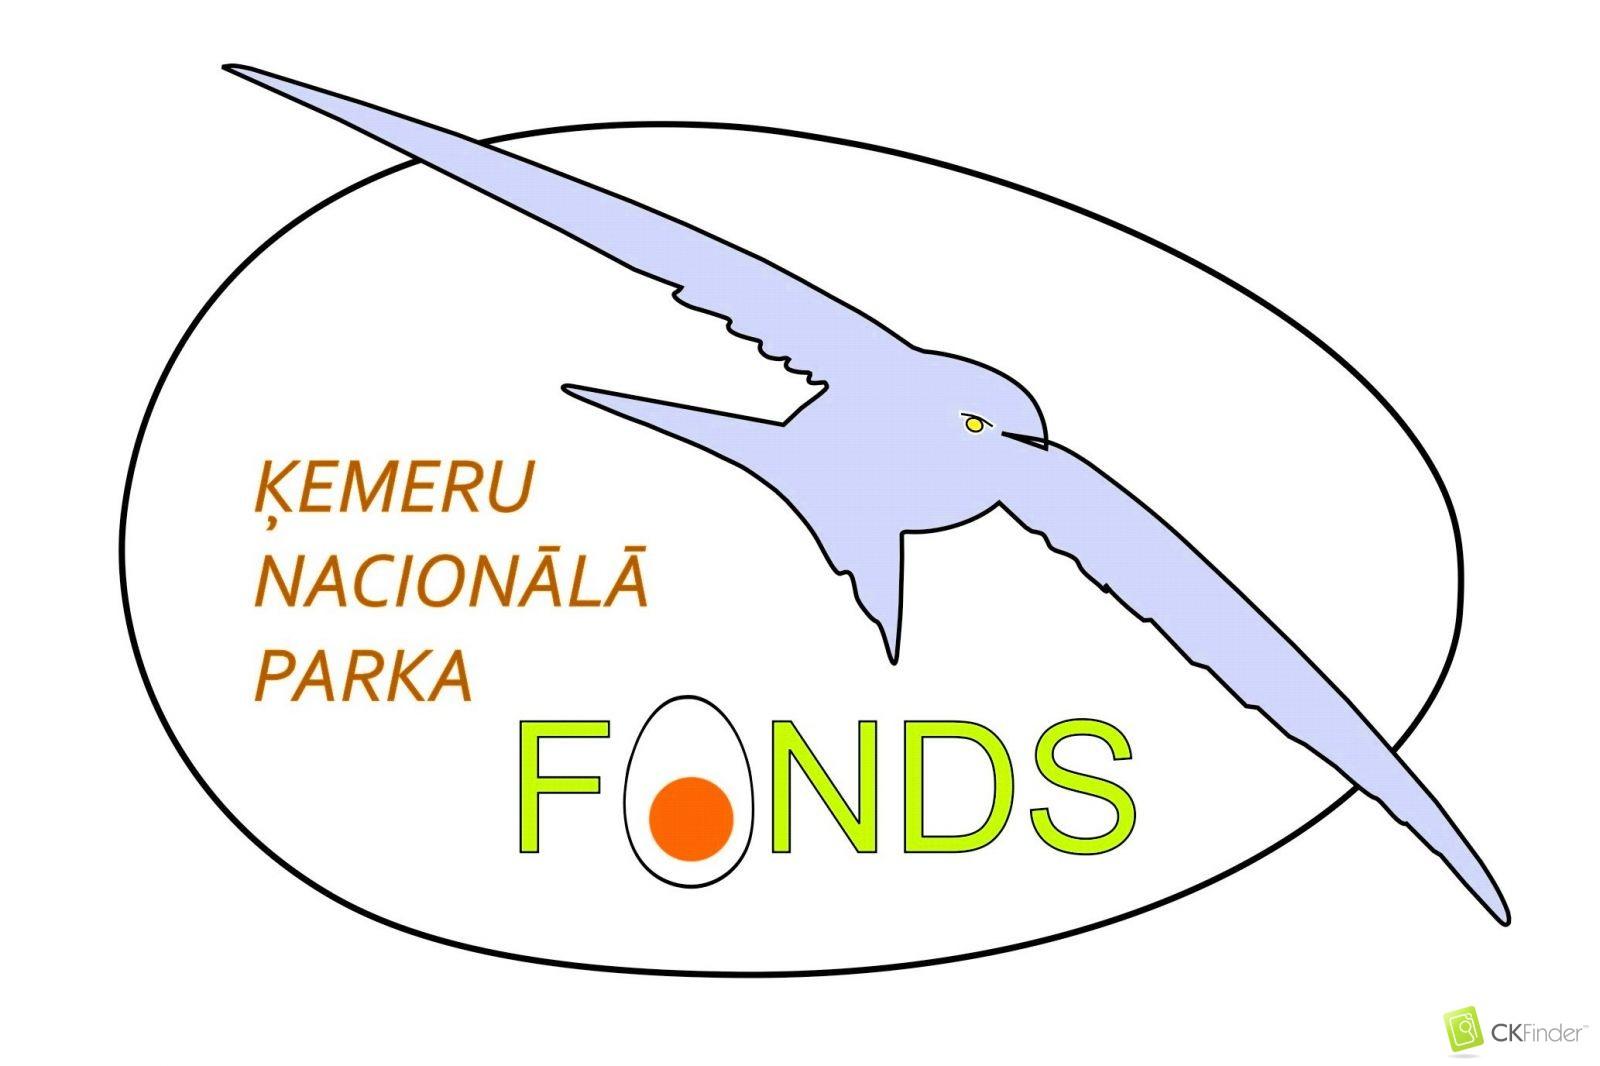 Ķemeru nacionālā parka fonda logo